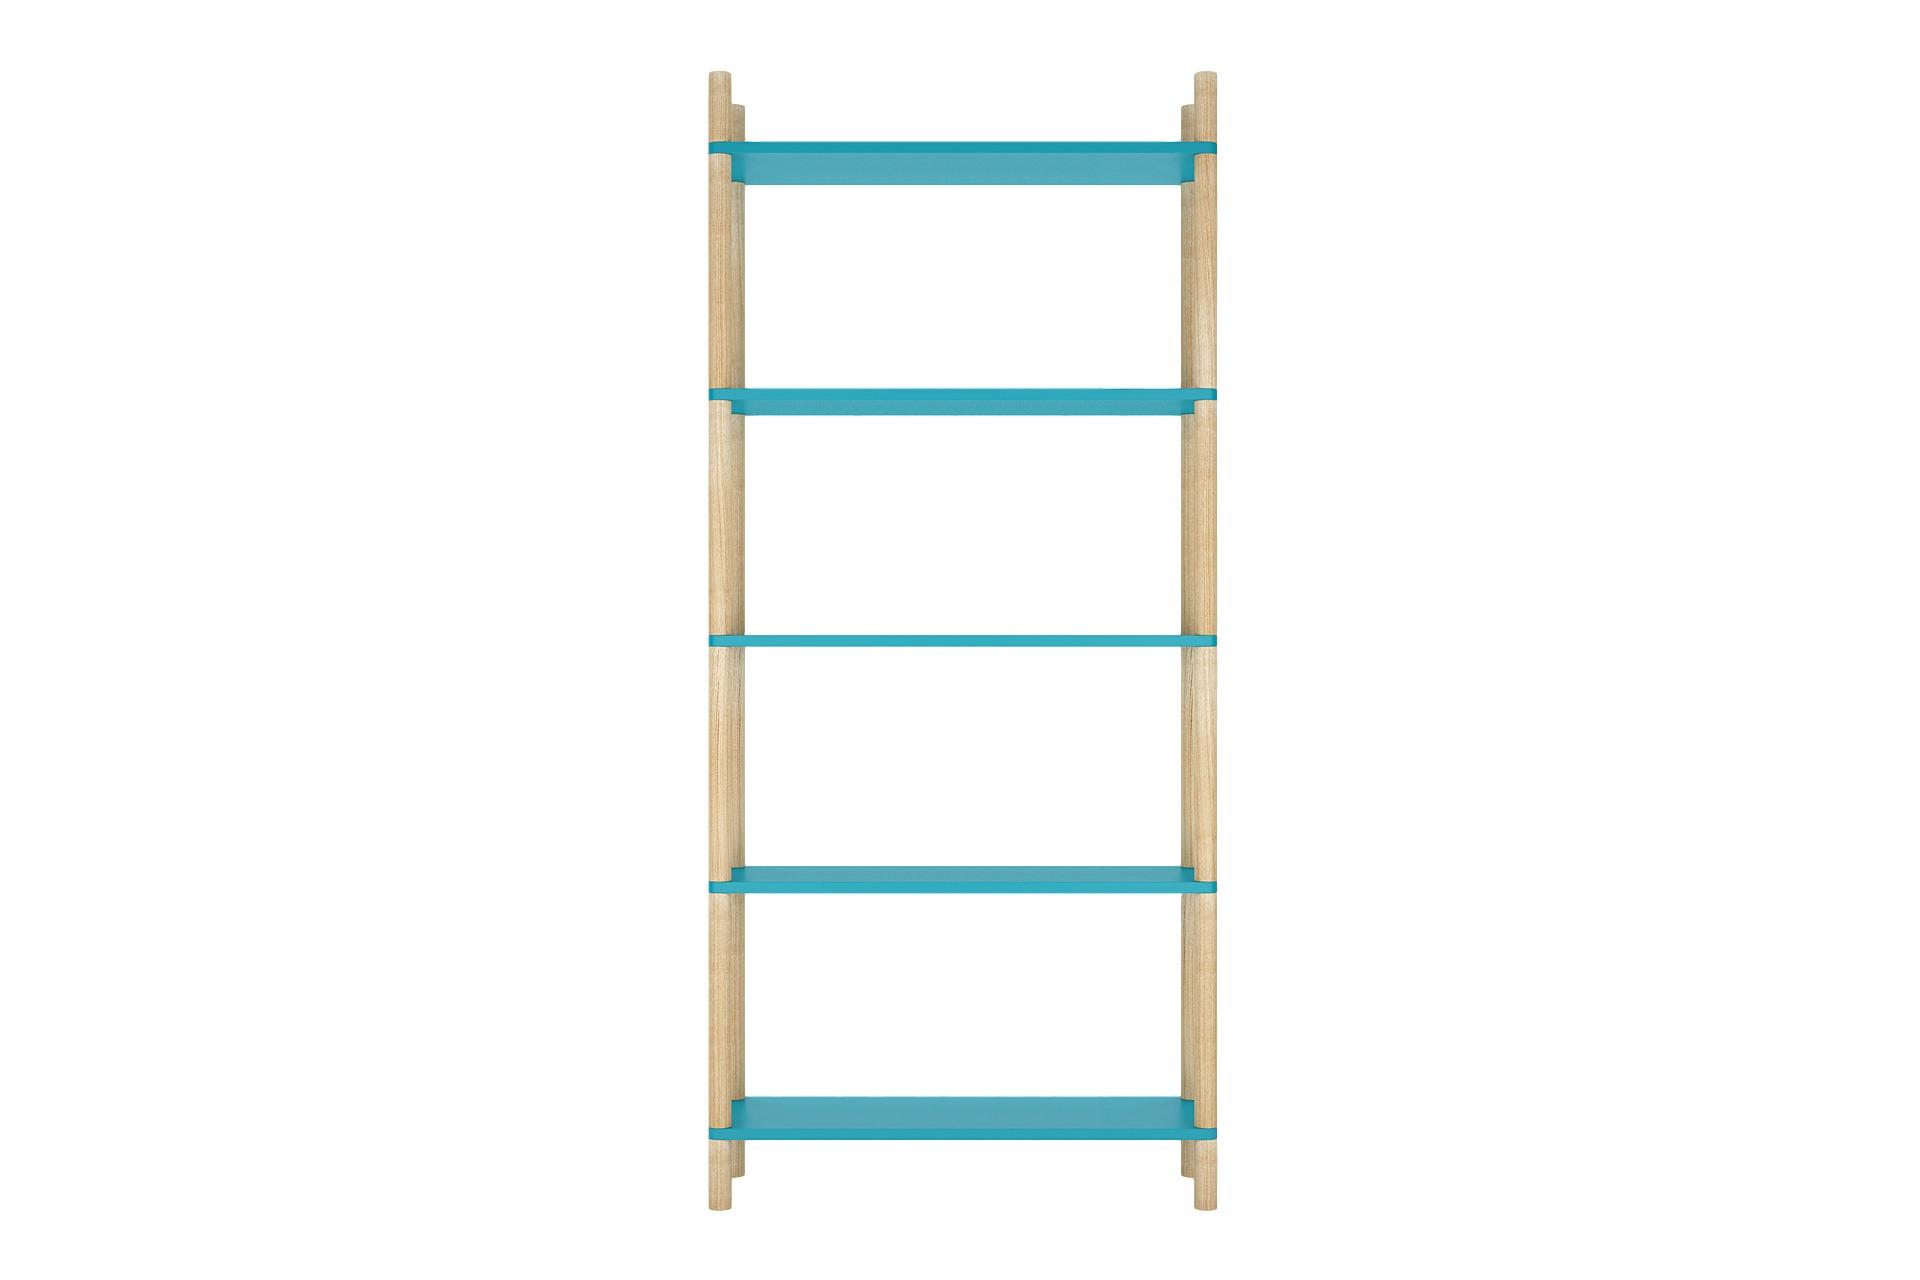 Стеллаж Latitude Saga BlueСтеллажи и этажерки<br>Вдохновитесь лаконичным оформлением стеллажа &amp;quot;Latitude Saga Blue&amp;quot; для создания уникальной системы хранения. Такой, которая будет радовать своим нетривиальным обликом и повышать настроение. Яркий синий цвет и возможность сборки в различных конфигурациях помогут вам воплотить в жизнь свои идеи.&amp;amp;nbsp;&amp;amp;nbsp;&amp;lt;div&amp;gt;&amp;lt;span style=&amp;quot;line-height: 1.78571;&amp;quot;&amp;gt;.&amp;amp;nbsp;&amp;lt;/span&amp;gt;&amp;lt;br&amp;gt;&amp;lt;/div&amp;gt;&amp;lt;div&amp;gt;Материал: полки - крашеный шпонированный МДФ; ножки - натуральный ясень, матовый лак.&amp;amp;nbsp;&amp;amp;nbsp;&amp;lt;/div&amp;gt;&amp;lt;div&amp;gt;Возможно изготовление по индивидуальным размерам (стоимость уточняется).&amp;lt;/div&amp;gt;<br><br>Material: МДФ<br>Ширина см: 100<br>Высота см: 223<br>Глубина см: 35